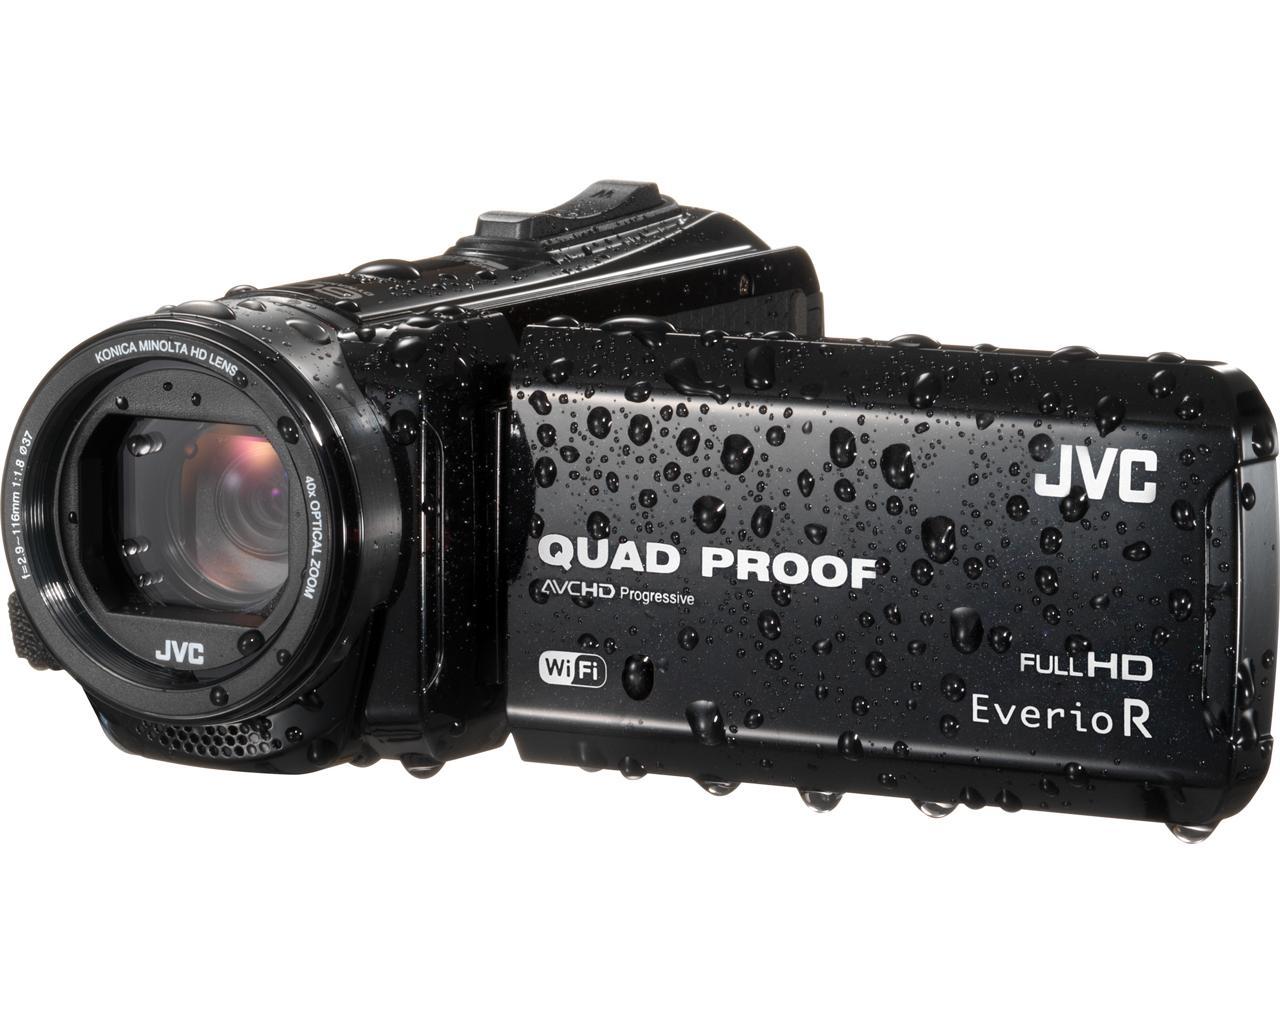 JVC Digital kamera